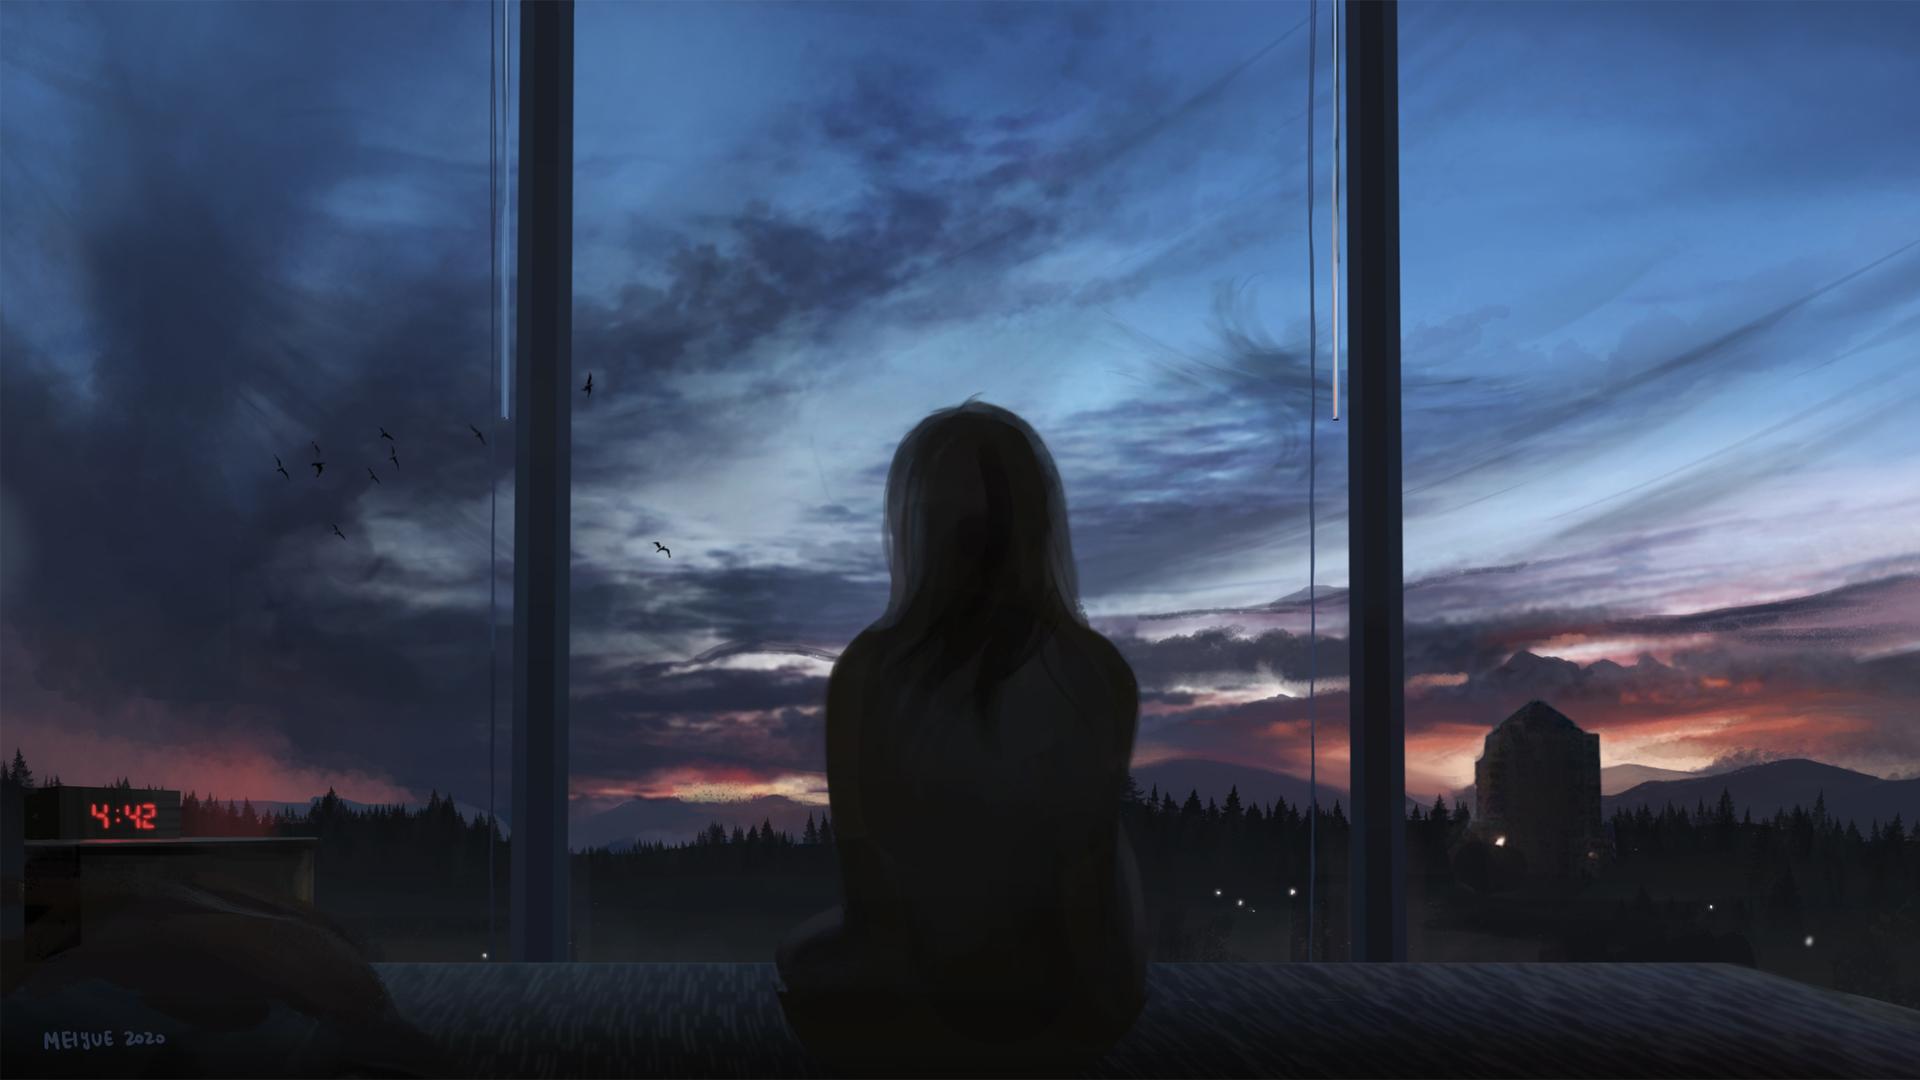 天还没亮 凌晨 女孩坐着背影动漫壁纸(1920×1080)